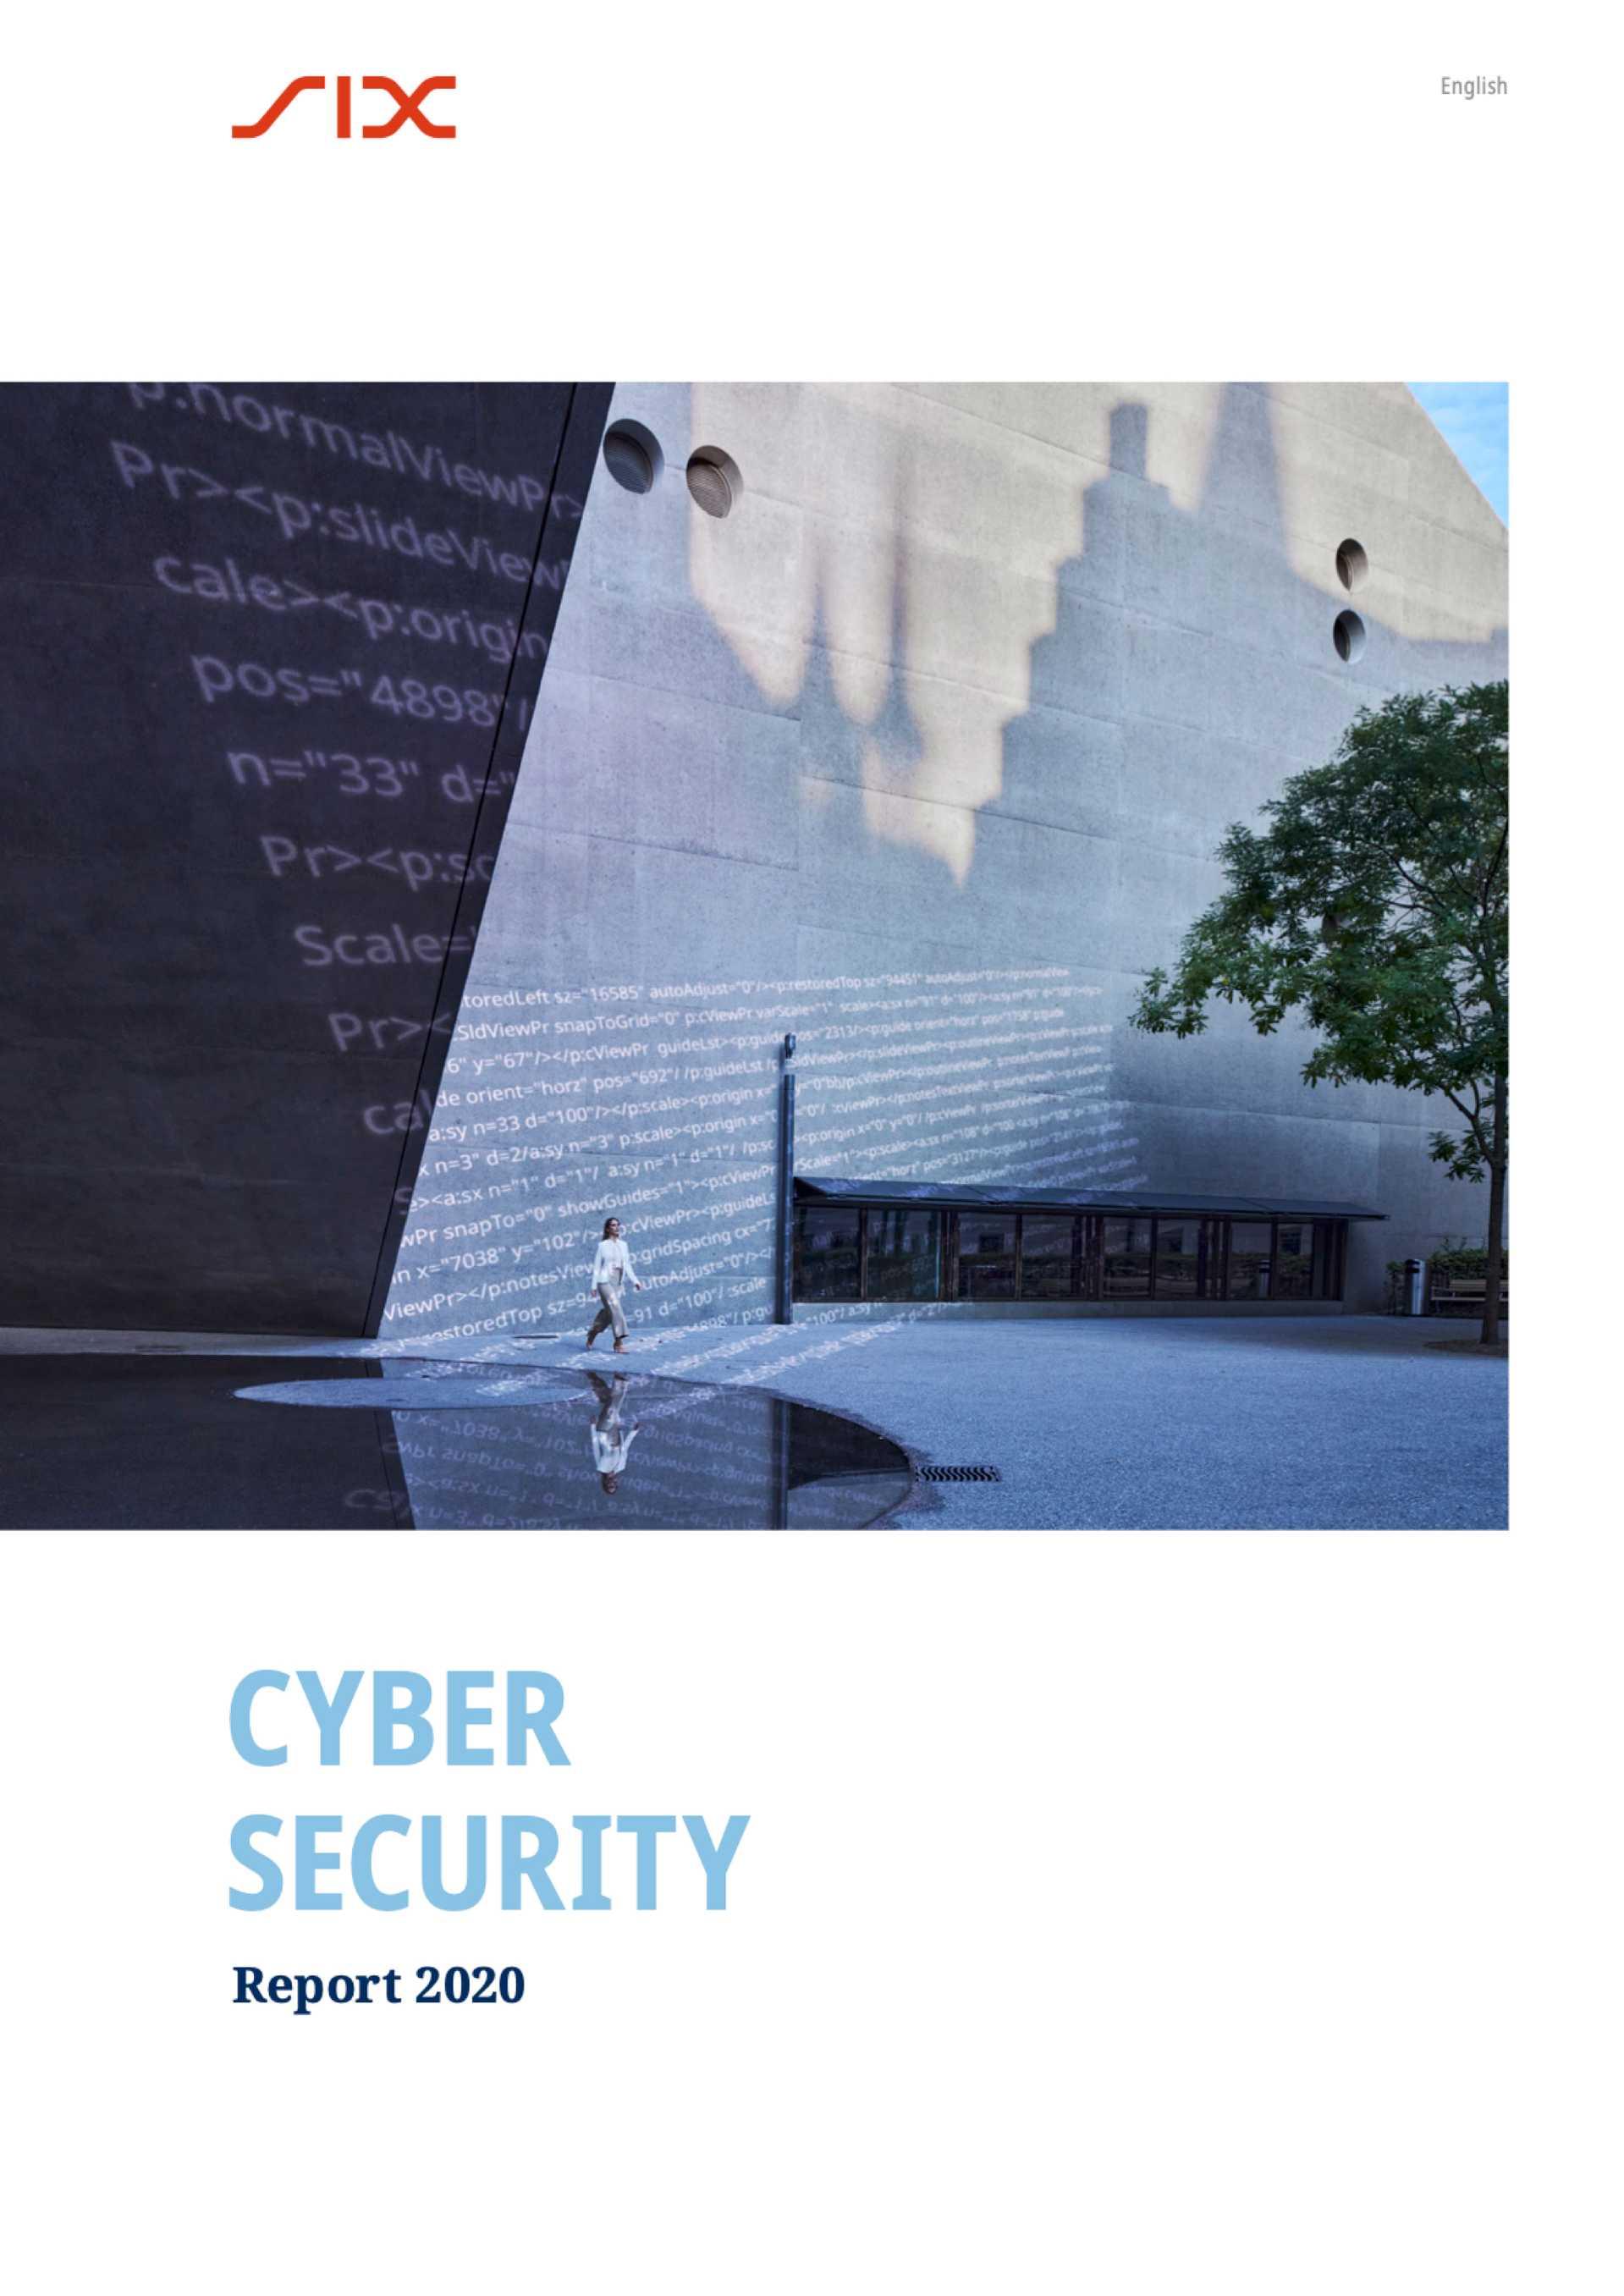 six-cyber-security-report-2020-en-1